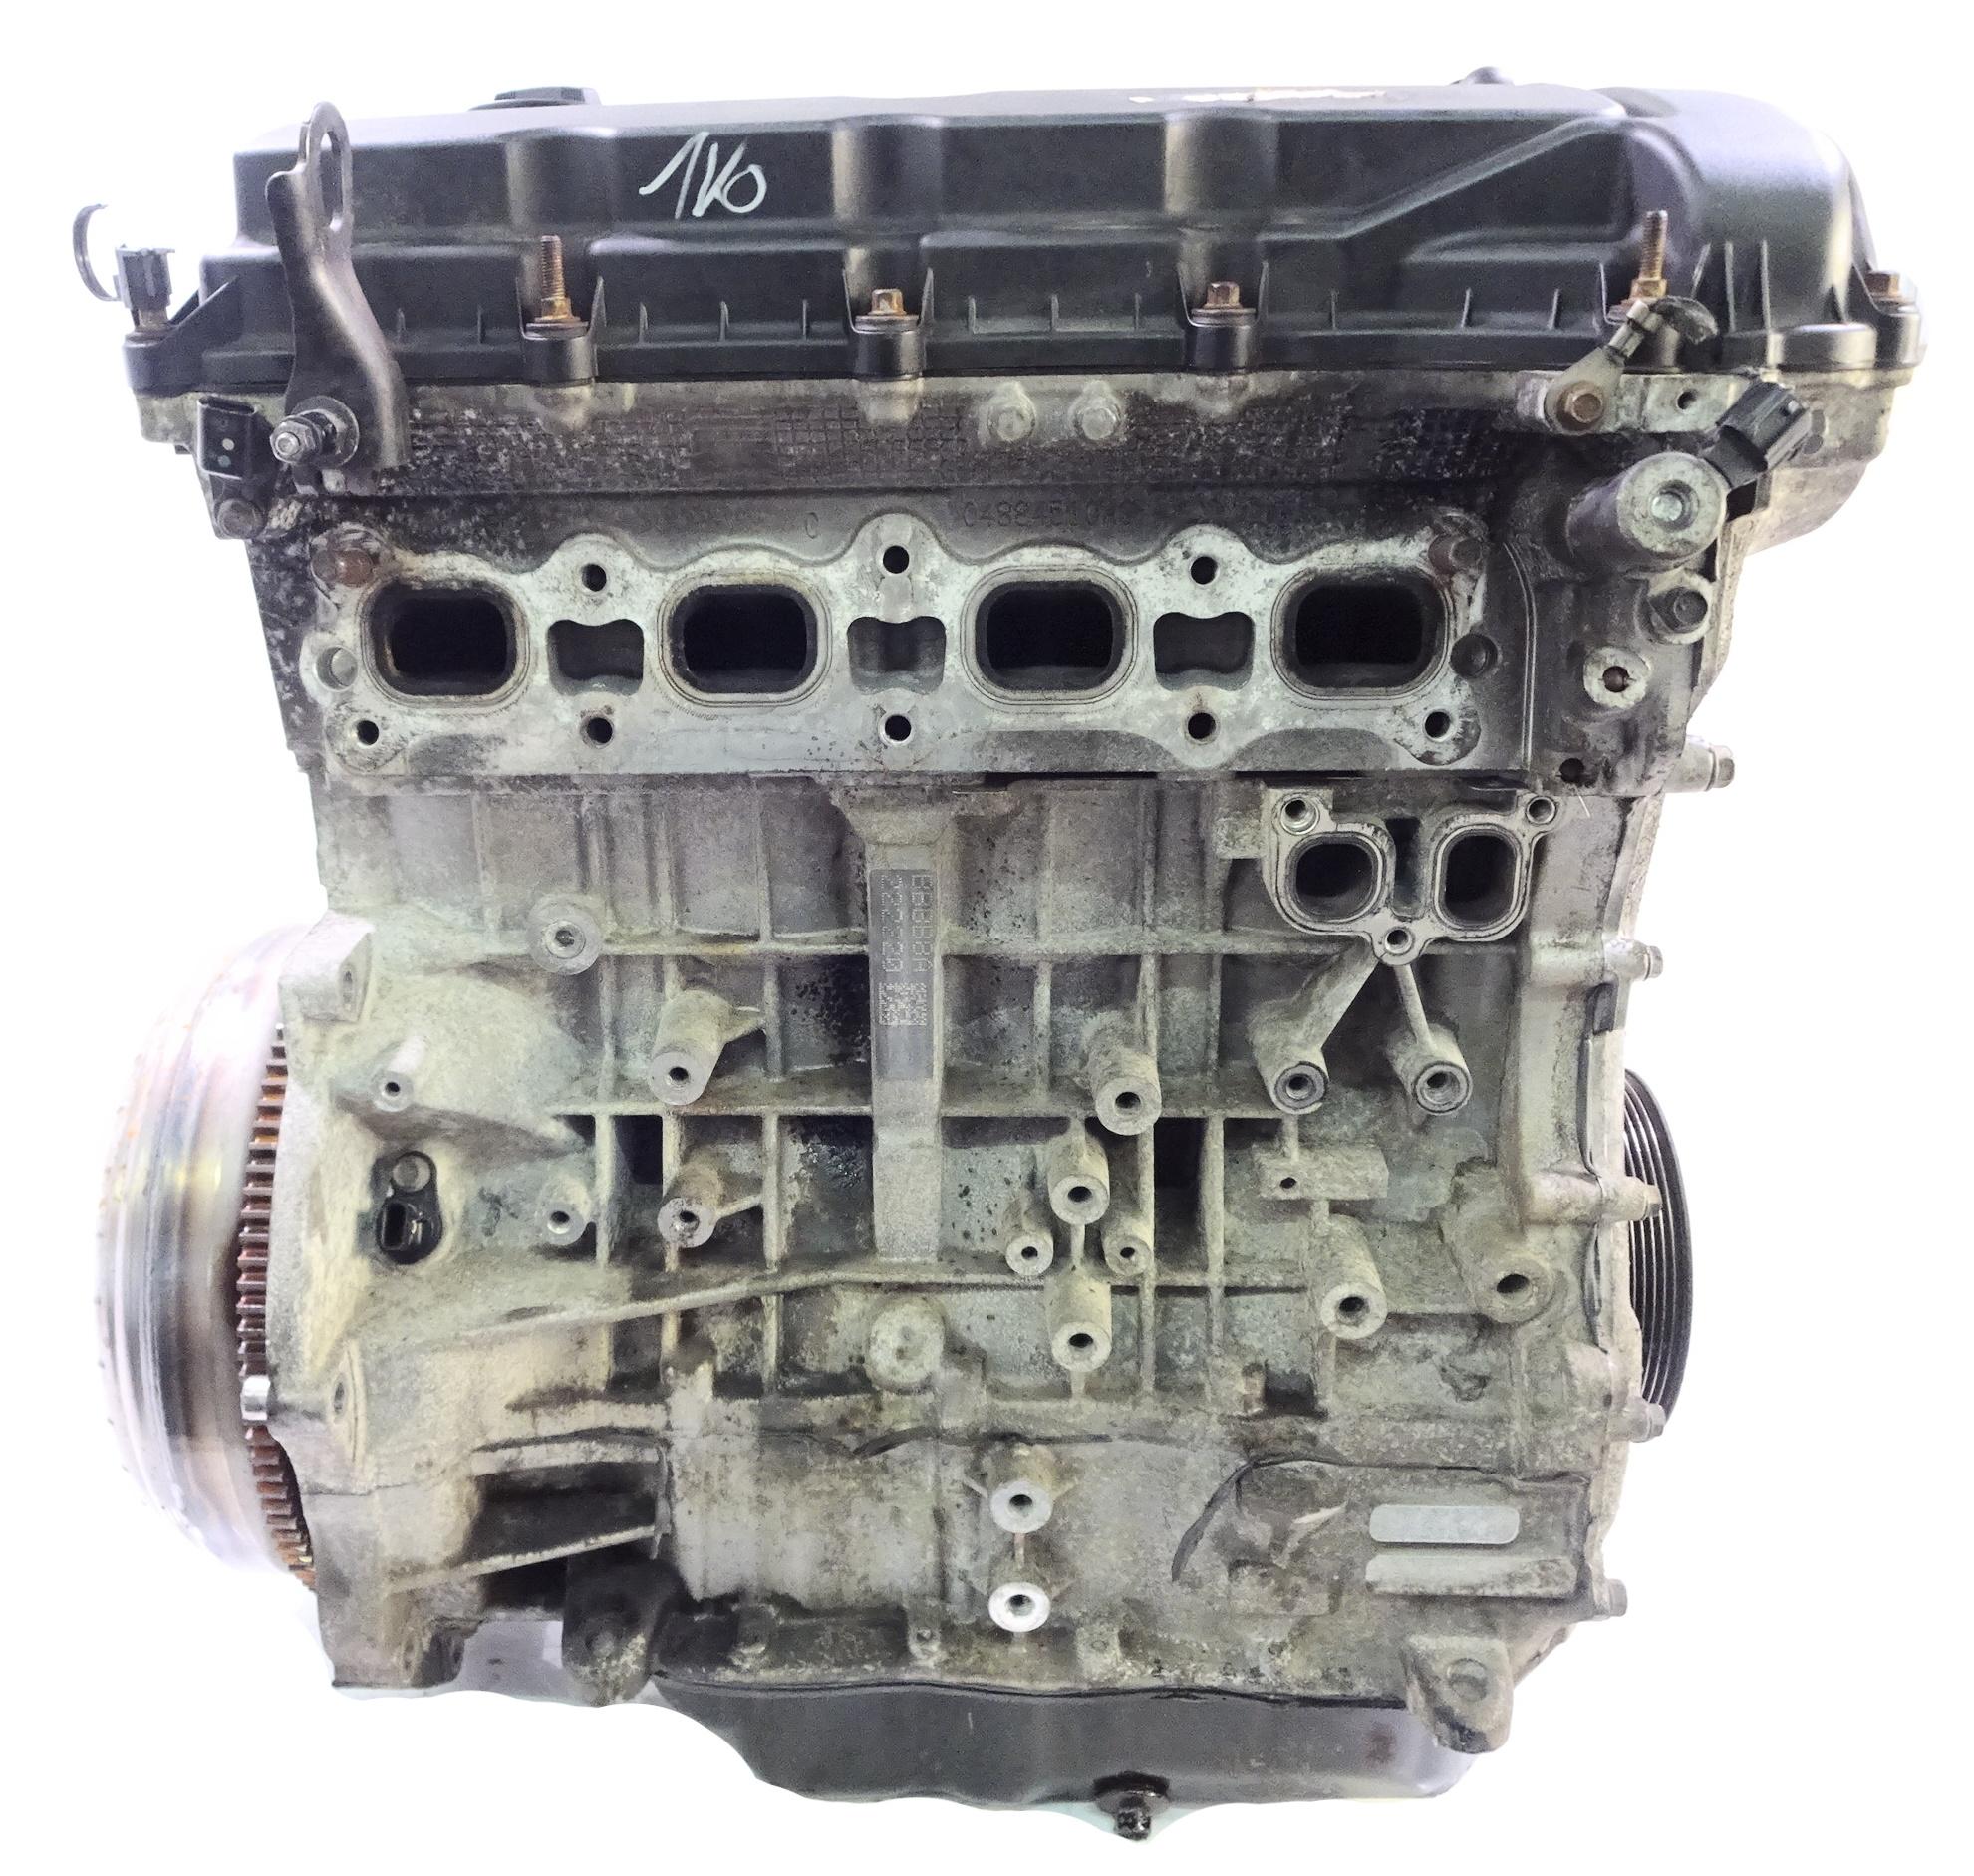 Motor 2008 Dodge Caliber 2,0 ECN 156 PS